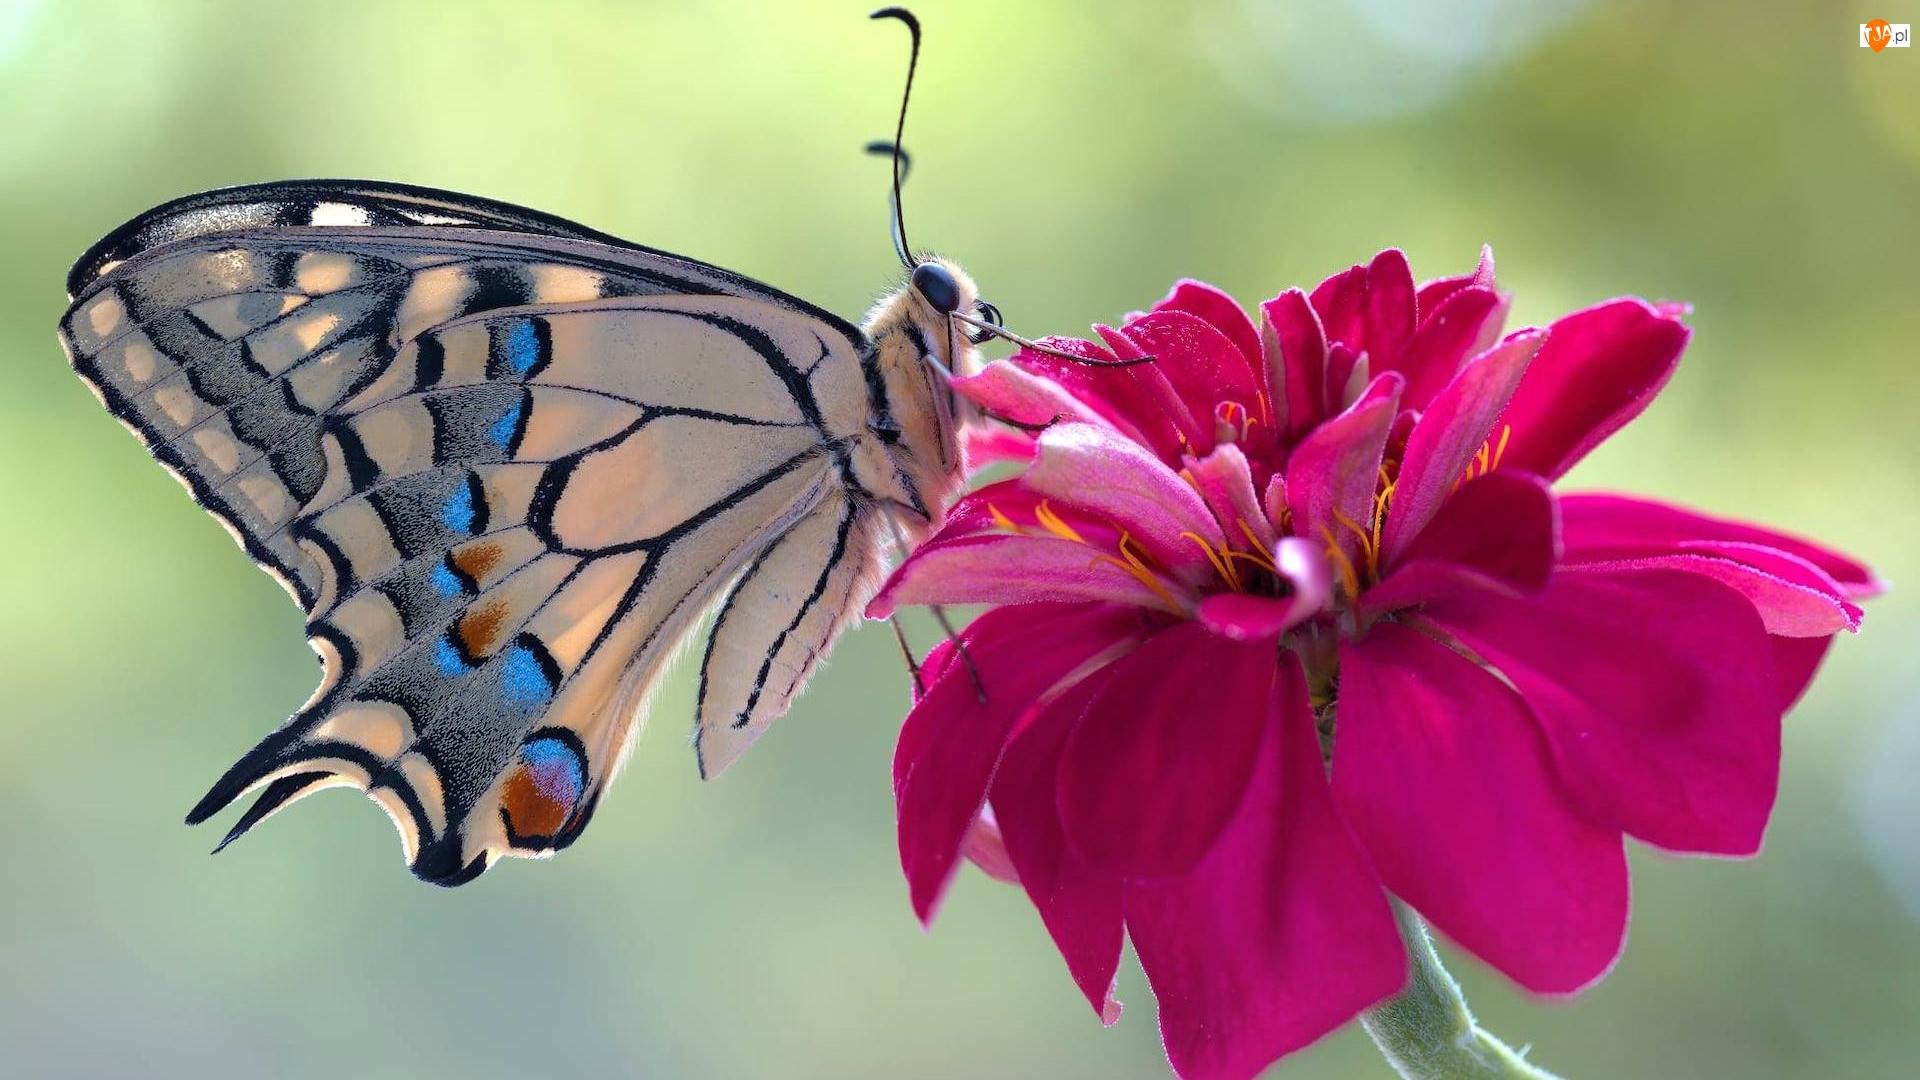 Paź królowej, Motyl, Czerwony, Dalia, Makro, Kwiat